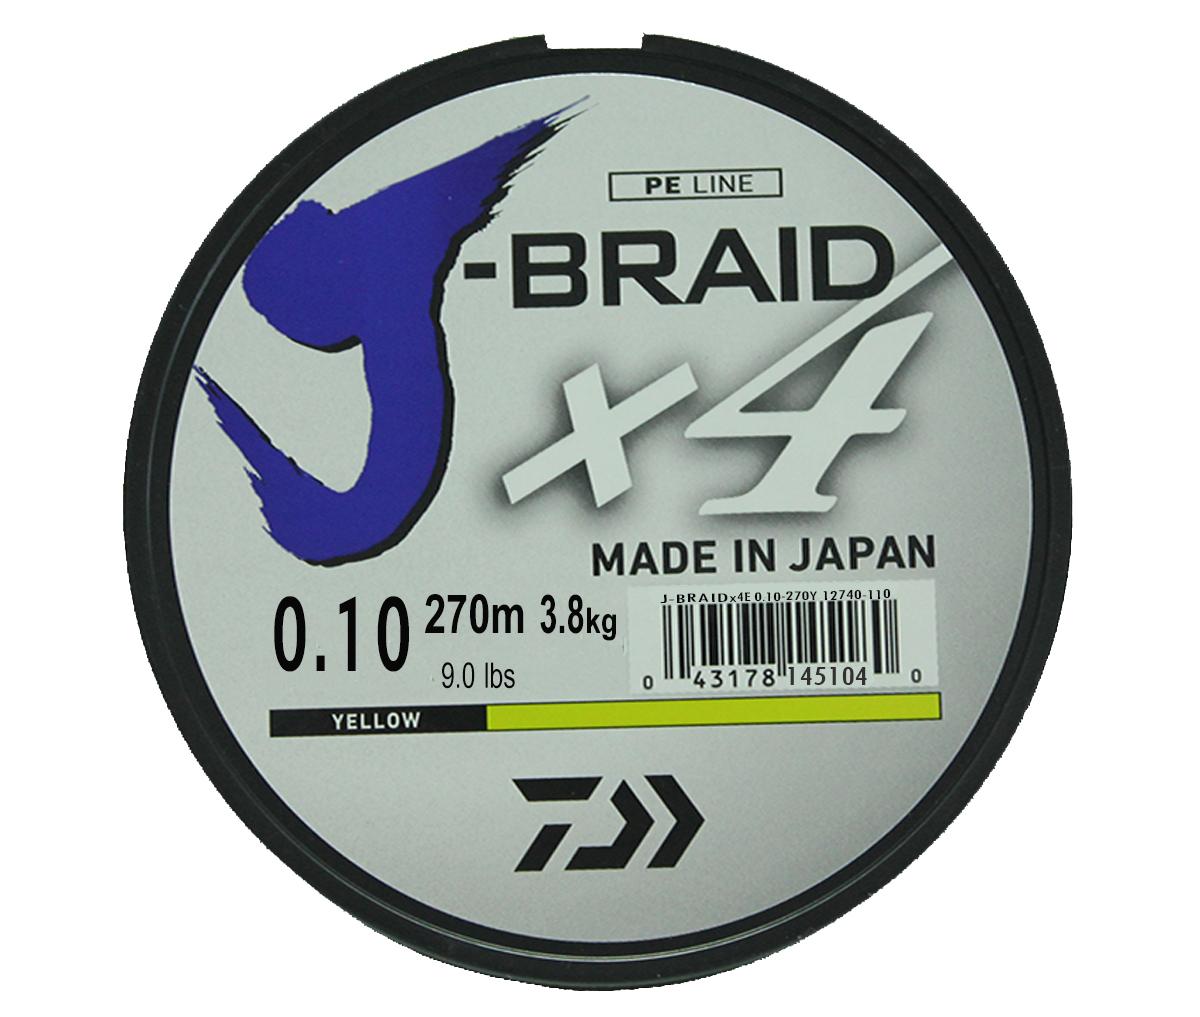 Шнур плетеный Daiwa J-Braid X4, цвет: флуоресцентный желтый, 270 м, 0,10 мм61146Новый четырехжильный шнур J-Braid от Daiwa - шнур высокого класса с удивительным соотношением цены и качества. Качество плетения полностью соответствует японским стандартам и удовлетворяет всем требованиям. Представленные диаметры позволяют использовать шнур для всех техник ловли, начиная от Ultra-Light ловли окуня, до морской ловли палтуса, трески и так далее.